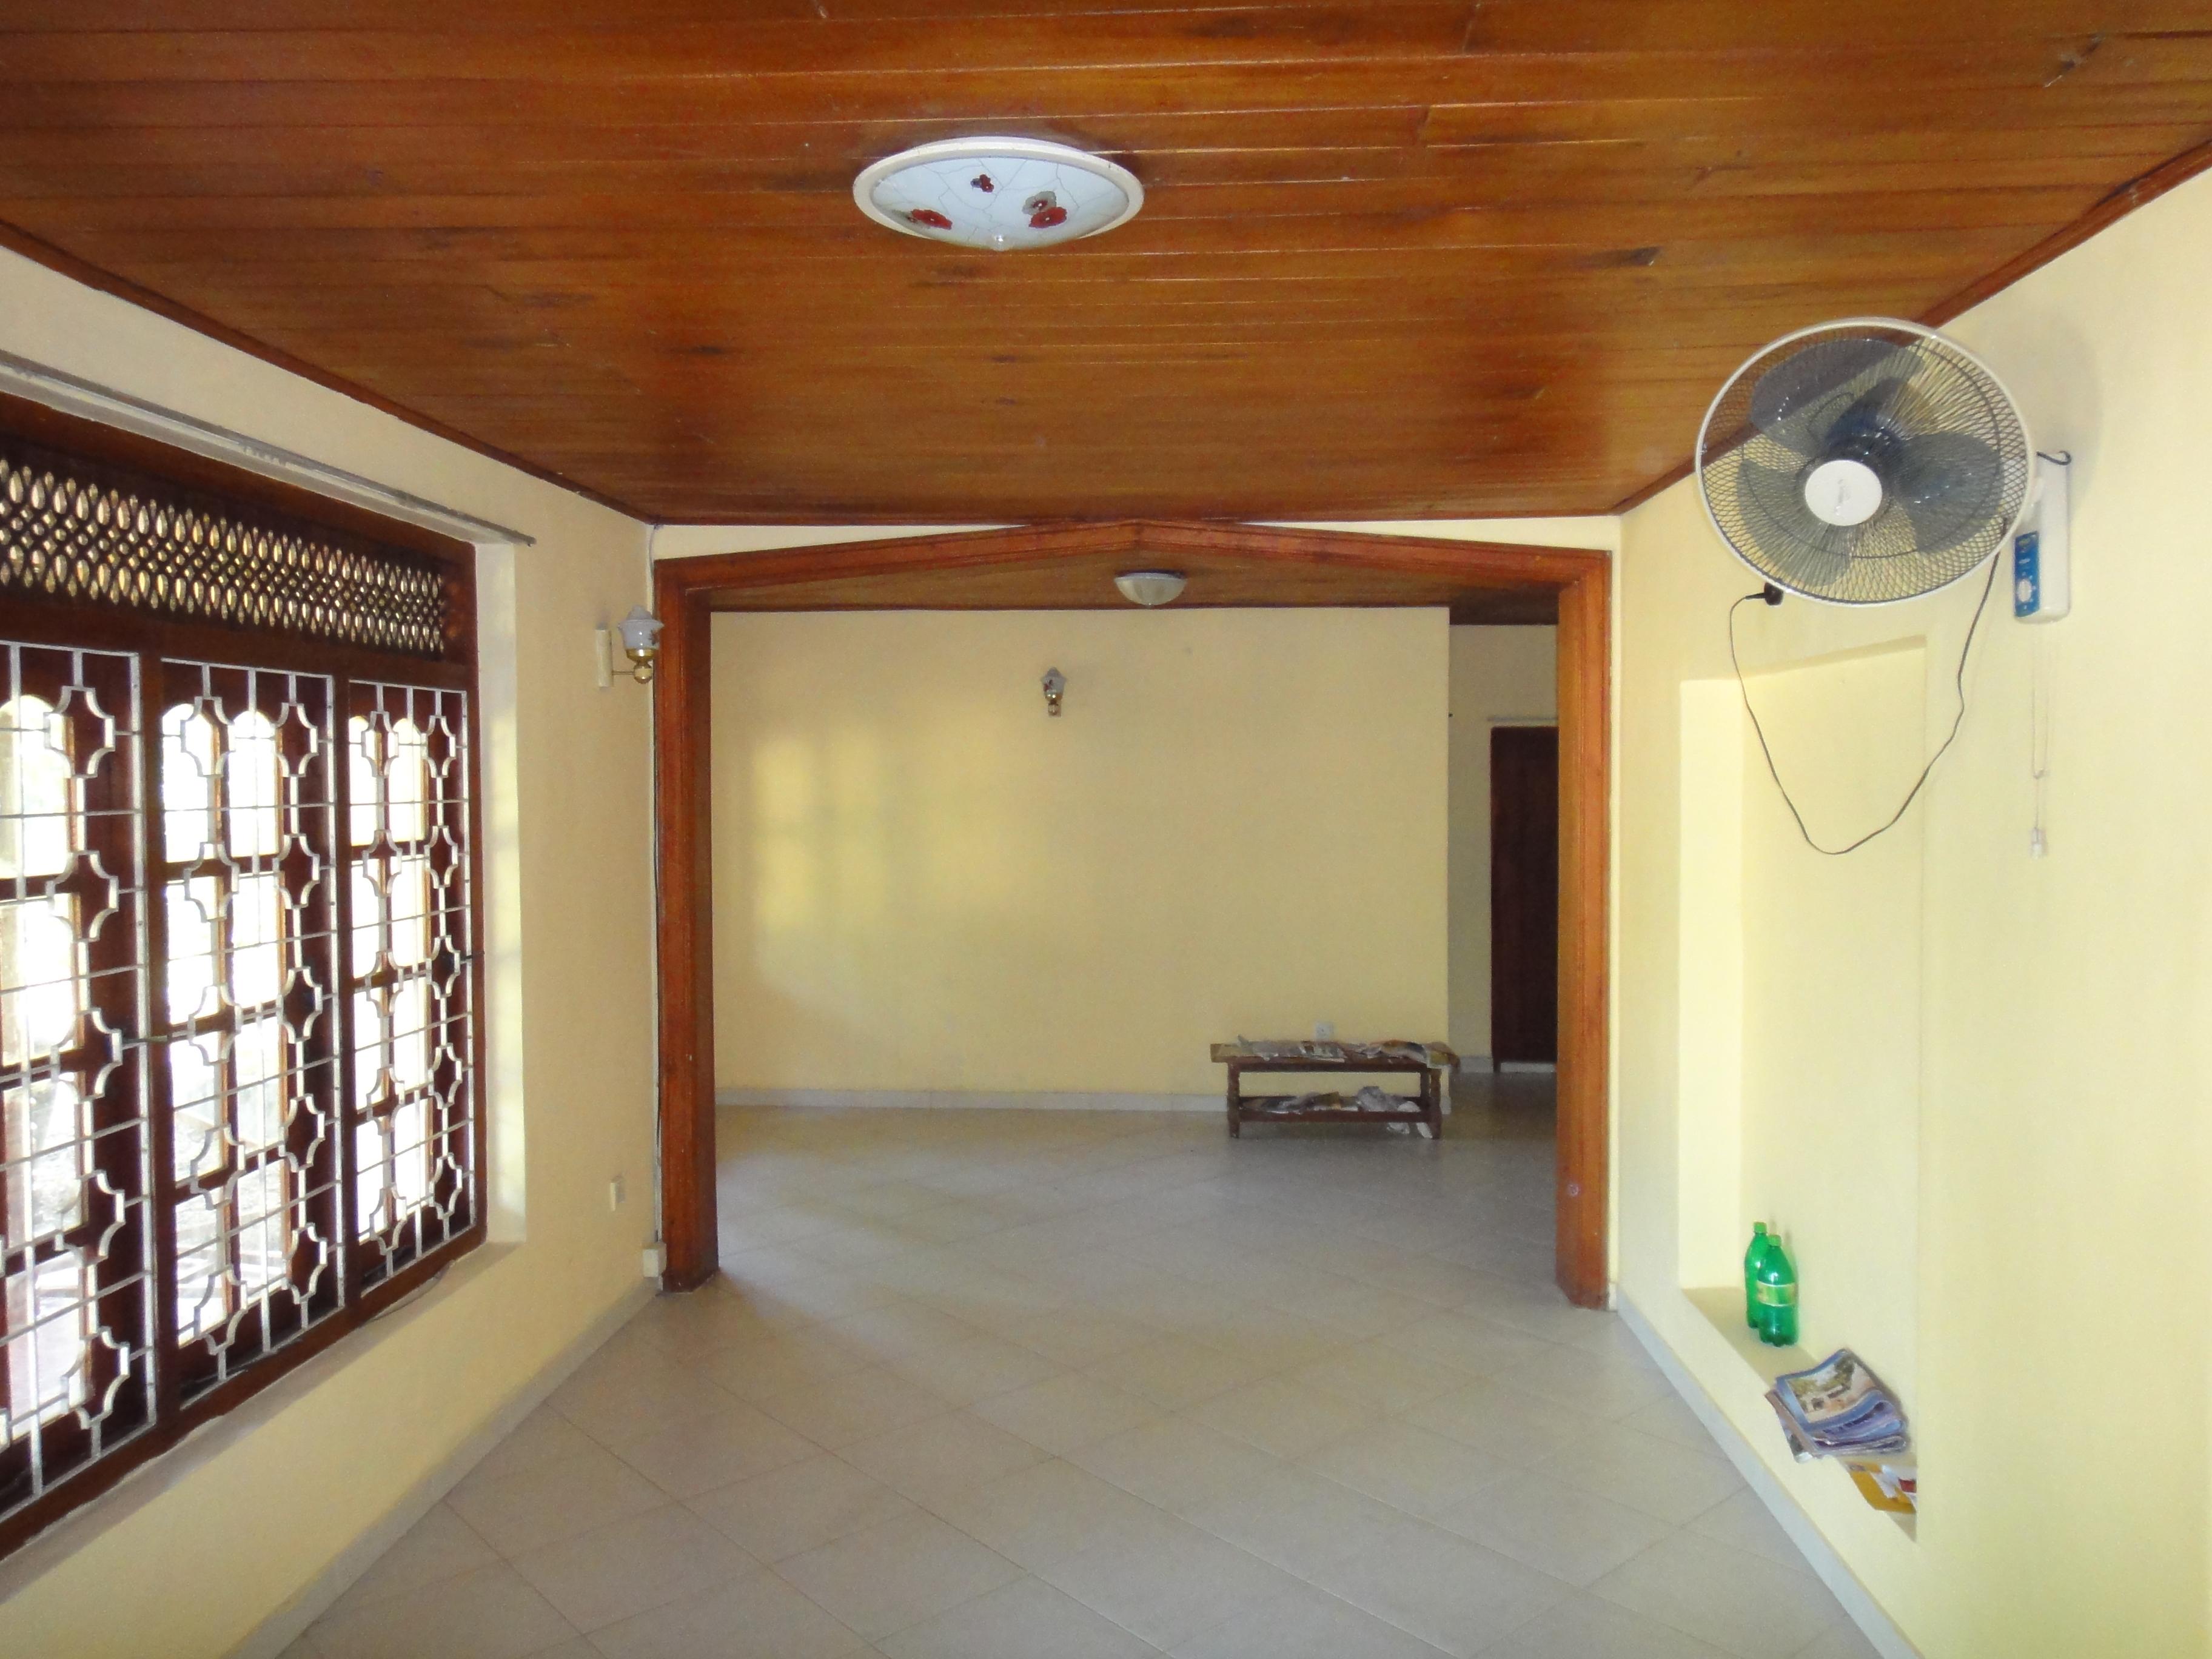 House for sale in Kalagedihena – Real Estate – Visit Sri Lanka